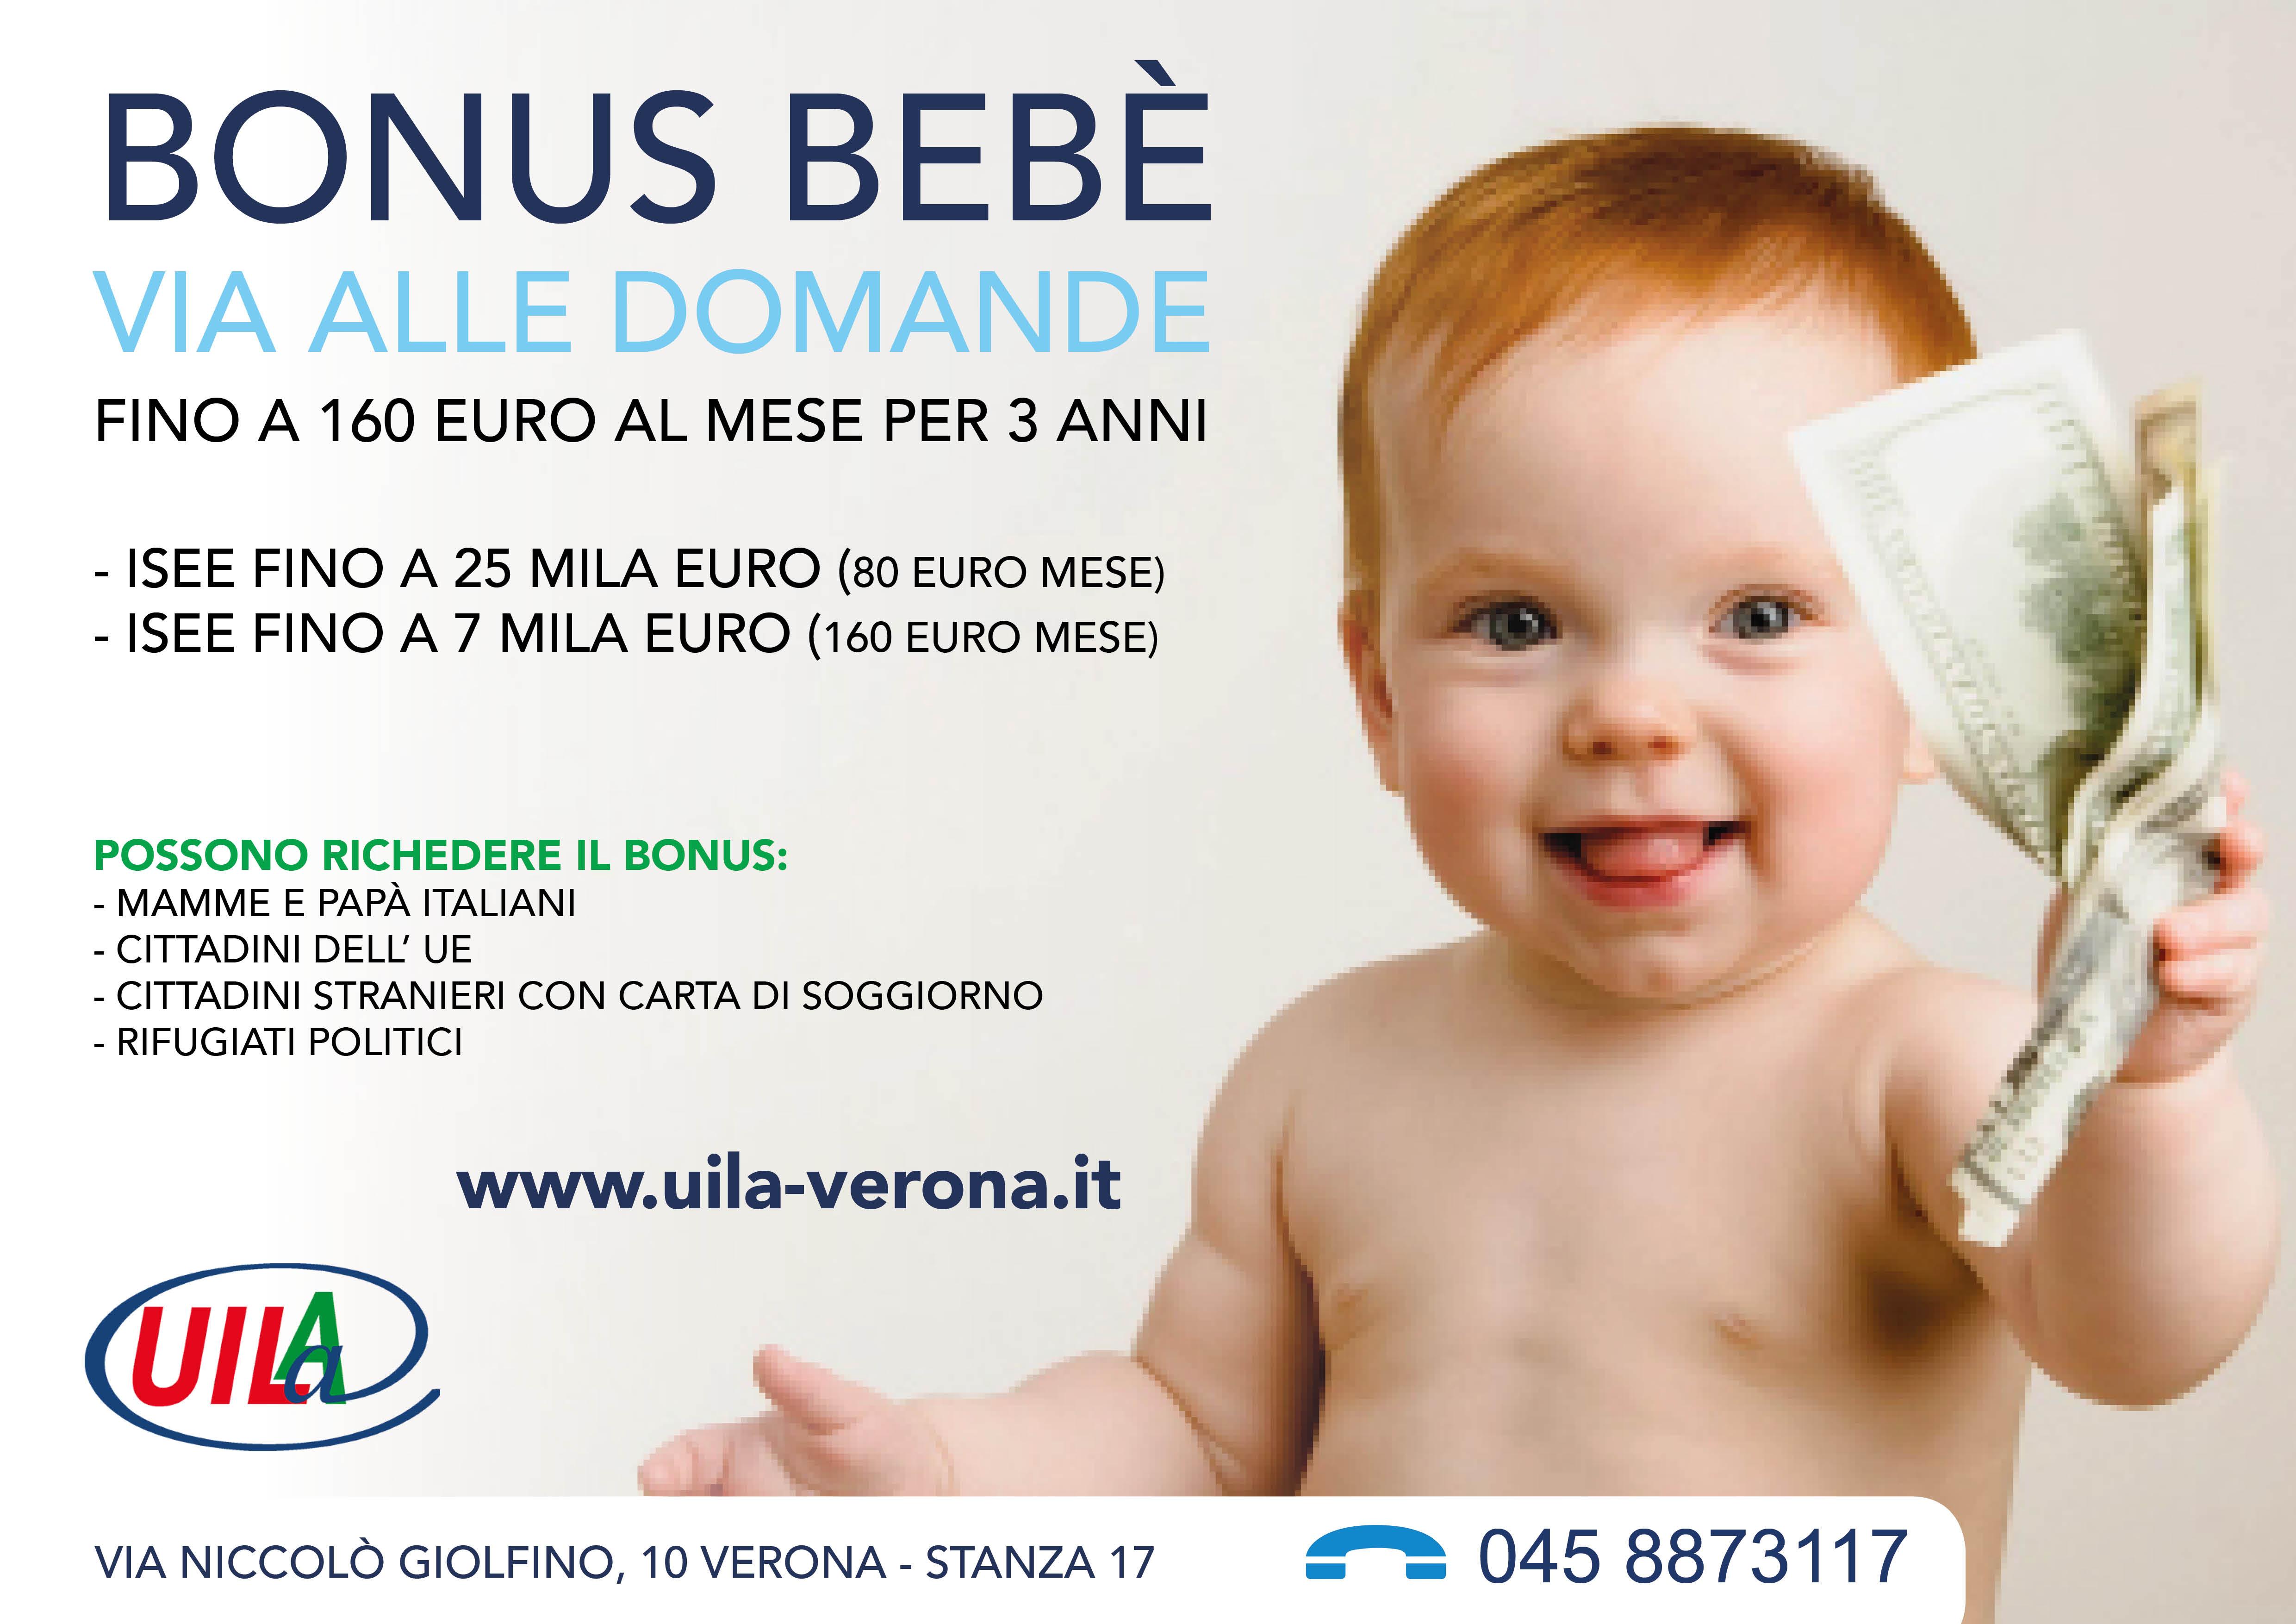 Bonus bebè, anche per il 2016. Fino a 160 euro al mese per tre anni ...